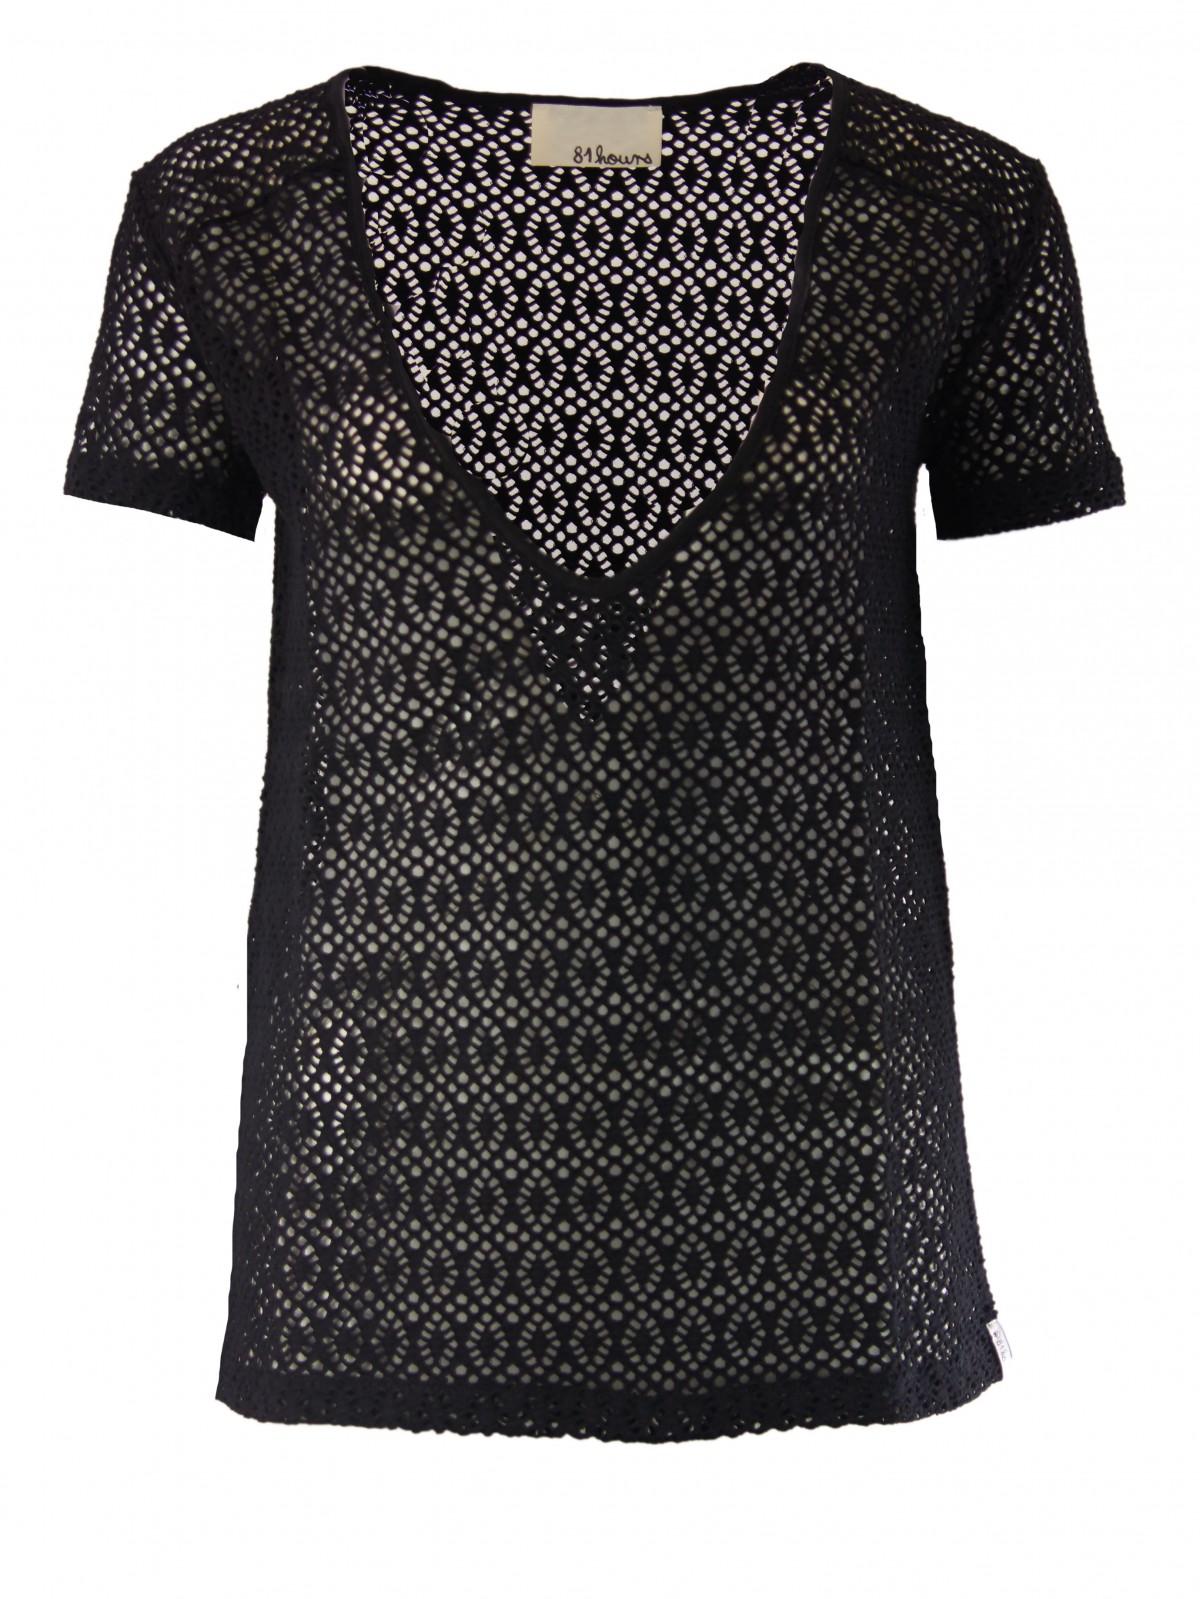 Janne Spitzen T-Shirt in Schwarz